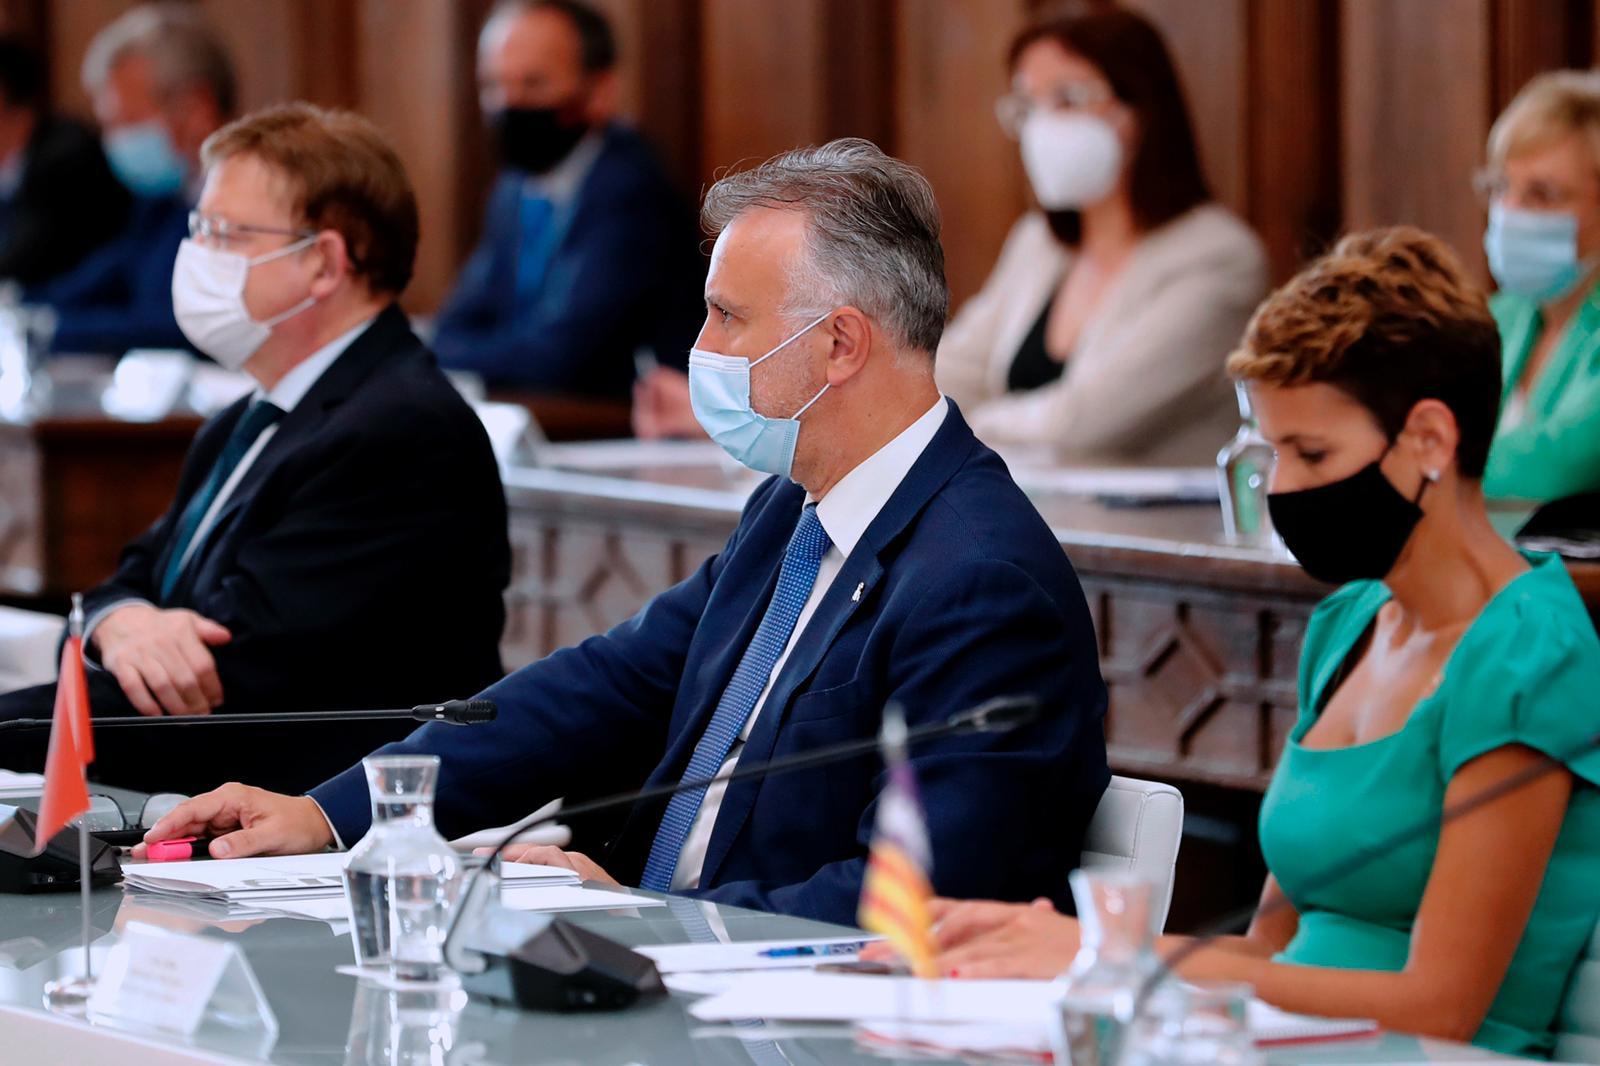 Canarias confía en que las negociaciones con Reino Unido den sus frutos y que se pueda levantar la cuarentena